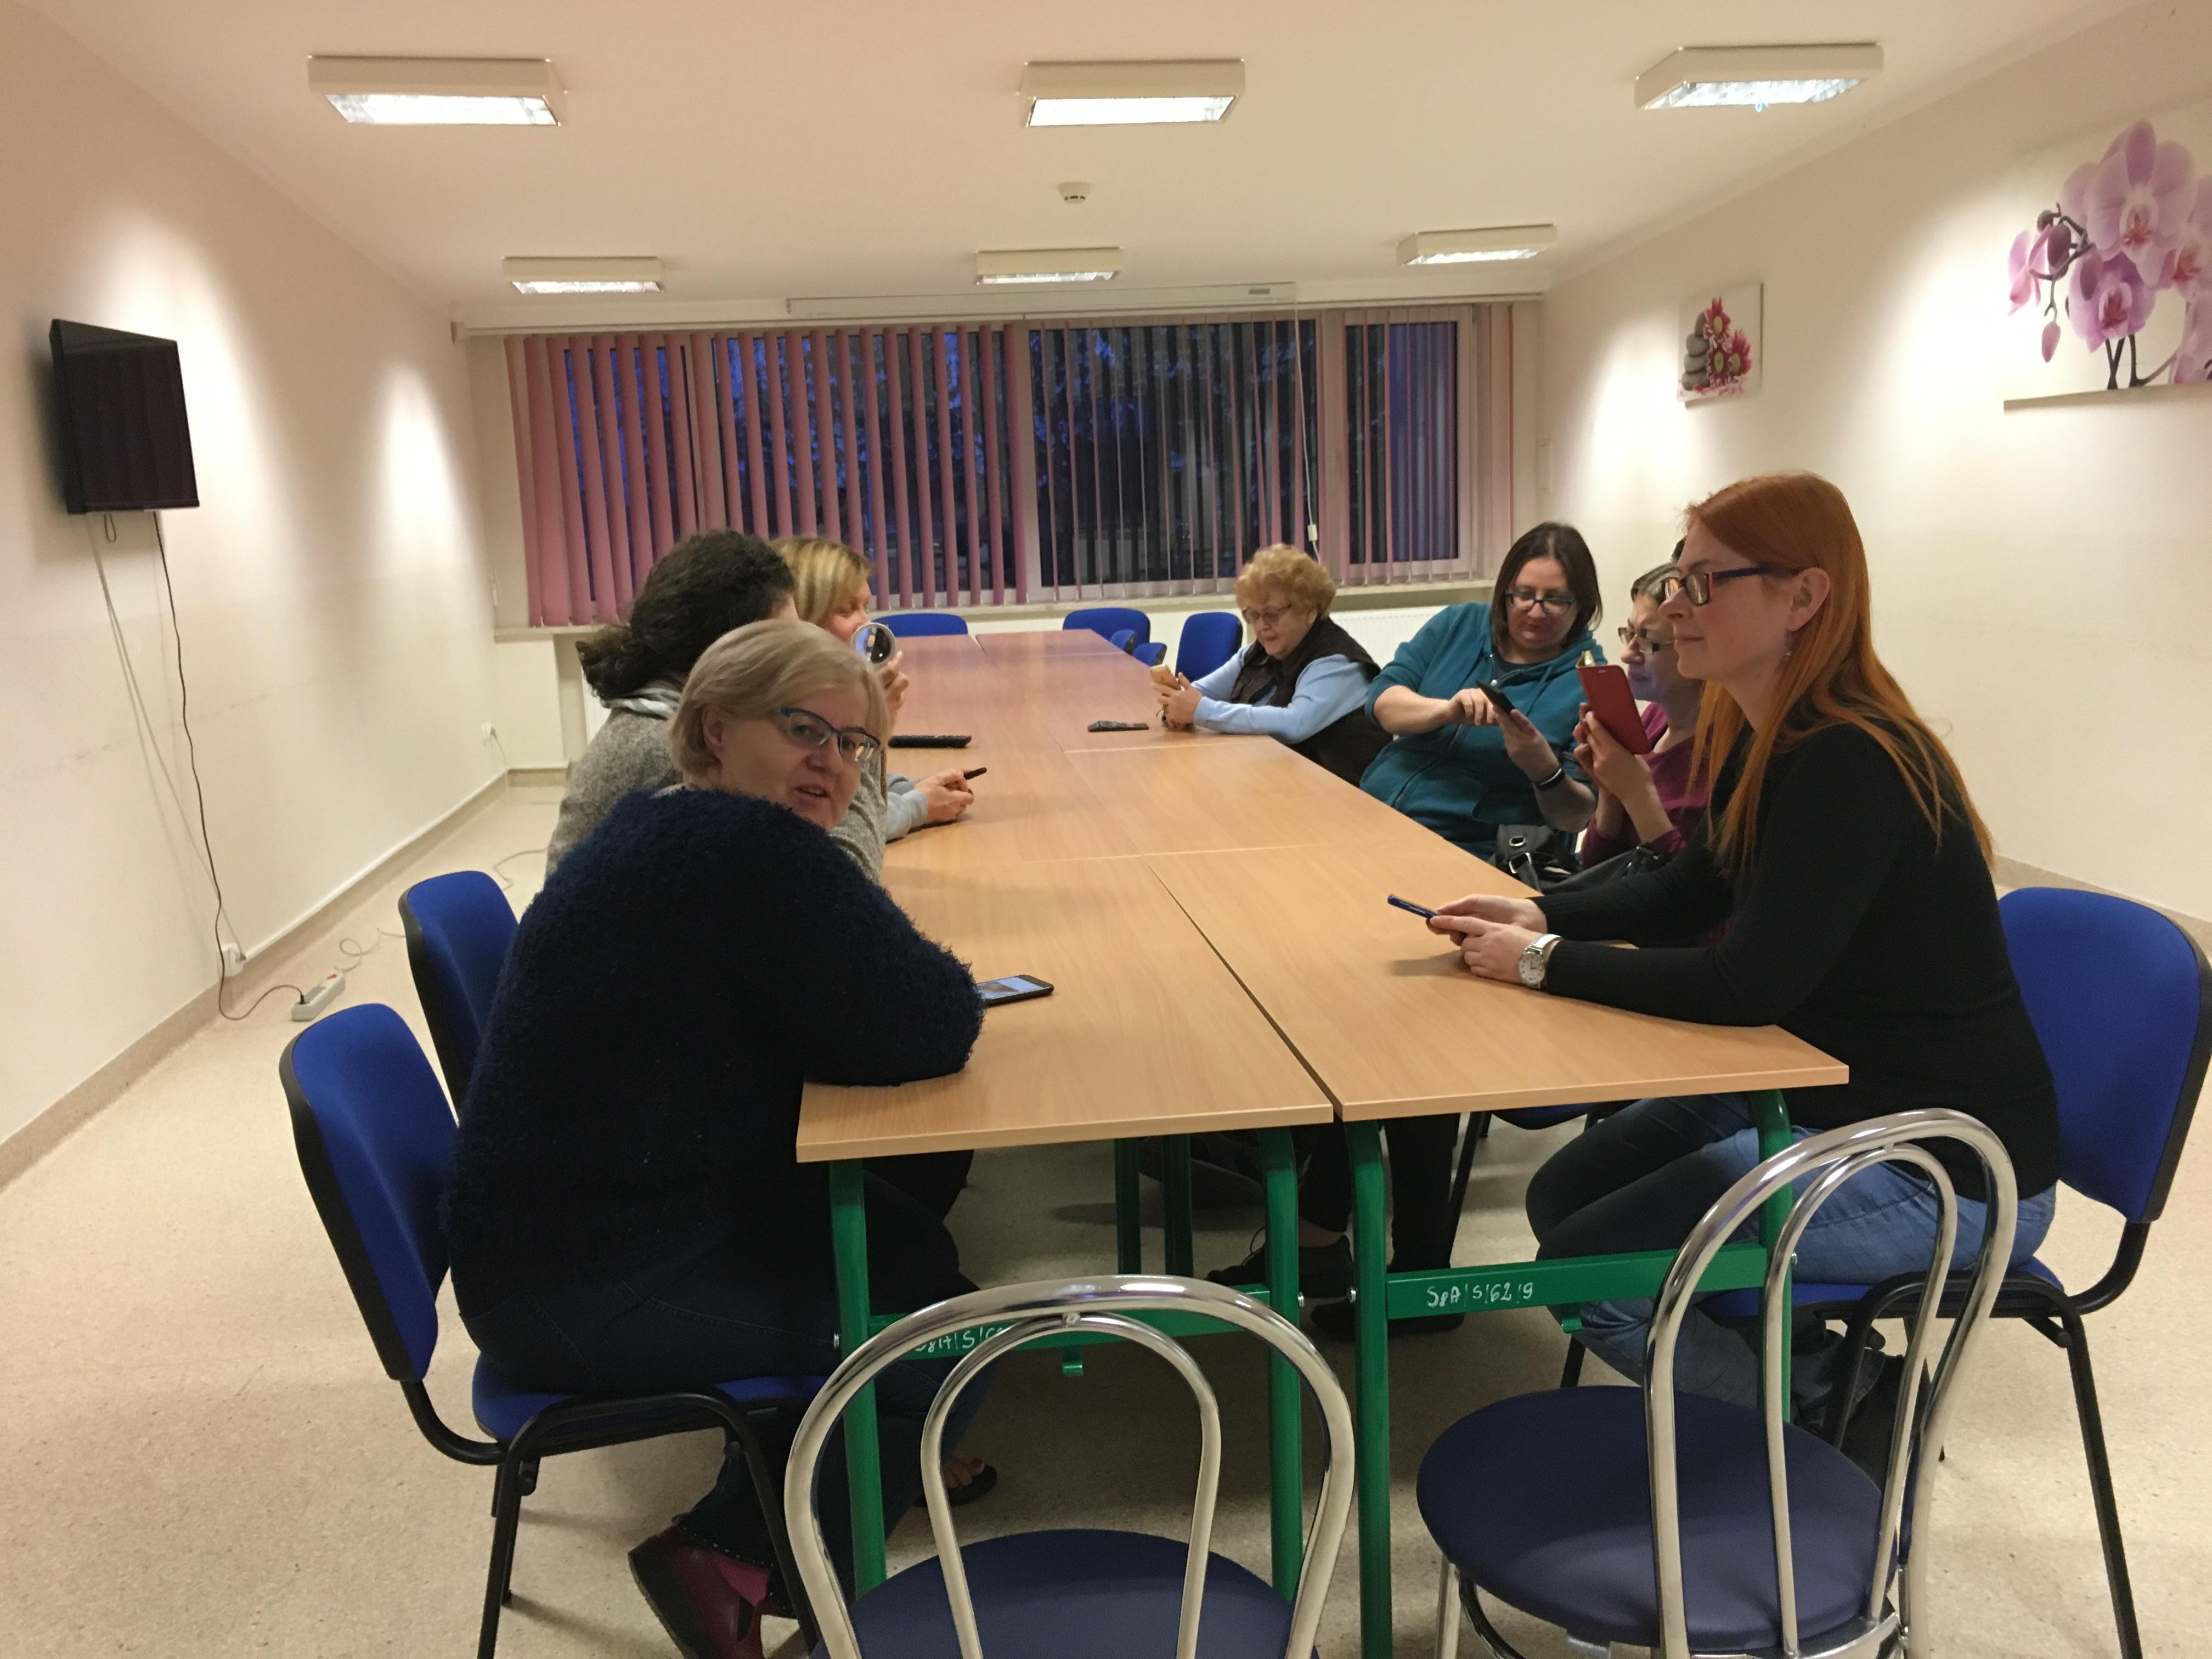 Kilka uczestniczek podczas szkolenia, siedzą na niebieskich krzesłach, przy złączonych ze sobą czterech stołach, w białej Sali z kasetonowym oświetleniem. Z lewej wiszący na ścianie telewizor, z prawej dwa obrazki z tematyką kwiatową, a po środku okna przesłonięte wertykałem.